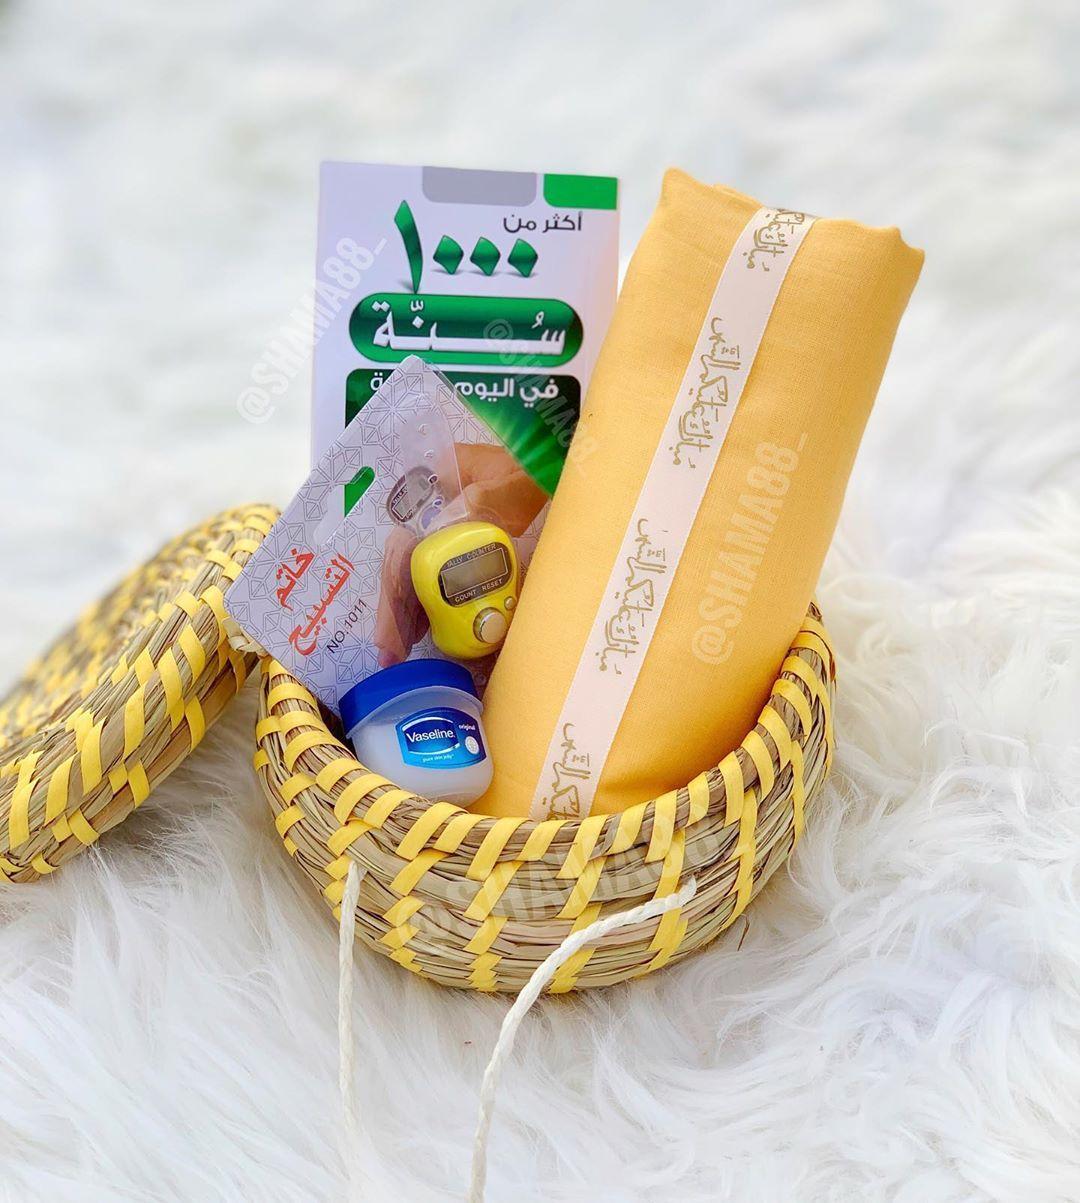 هدية رمضانية مميزة للطلب دايركت واتساب السعر 70 درهم هدية رمضانية مميزة للطلب دايركت واتساب السعر 70 درهم Eid Food Ramadan Gifts Eid Mubark